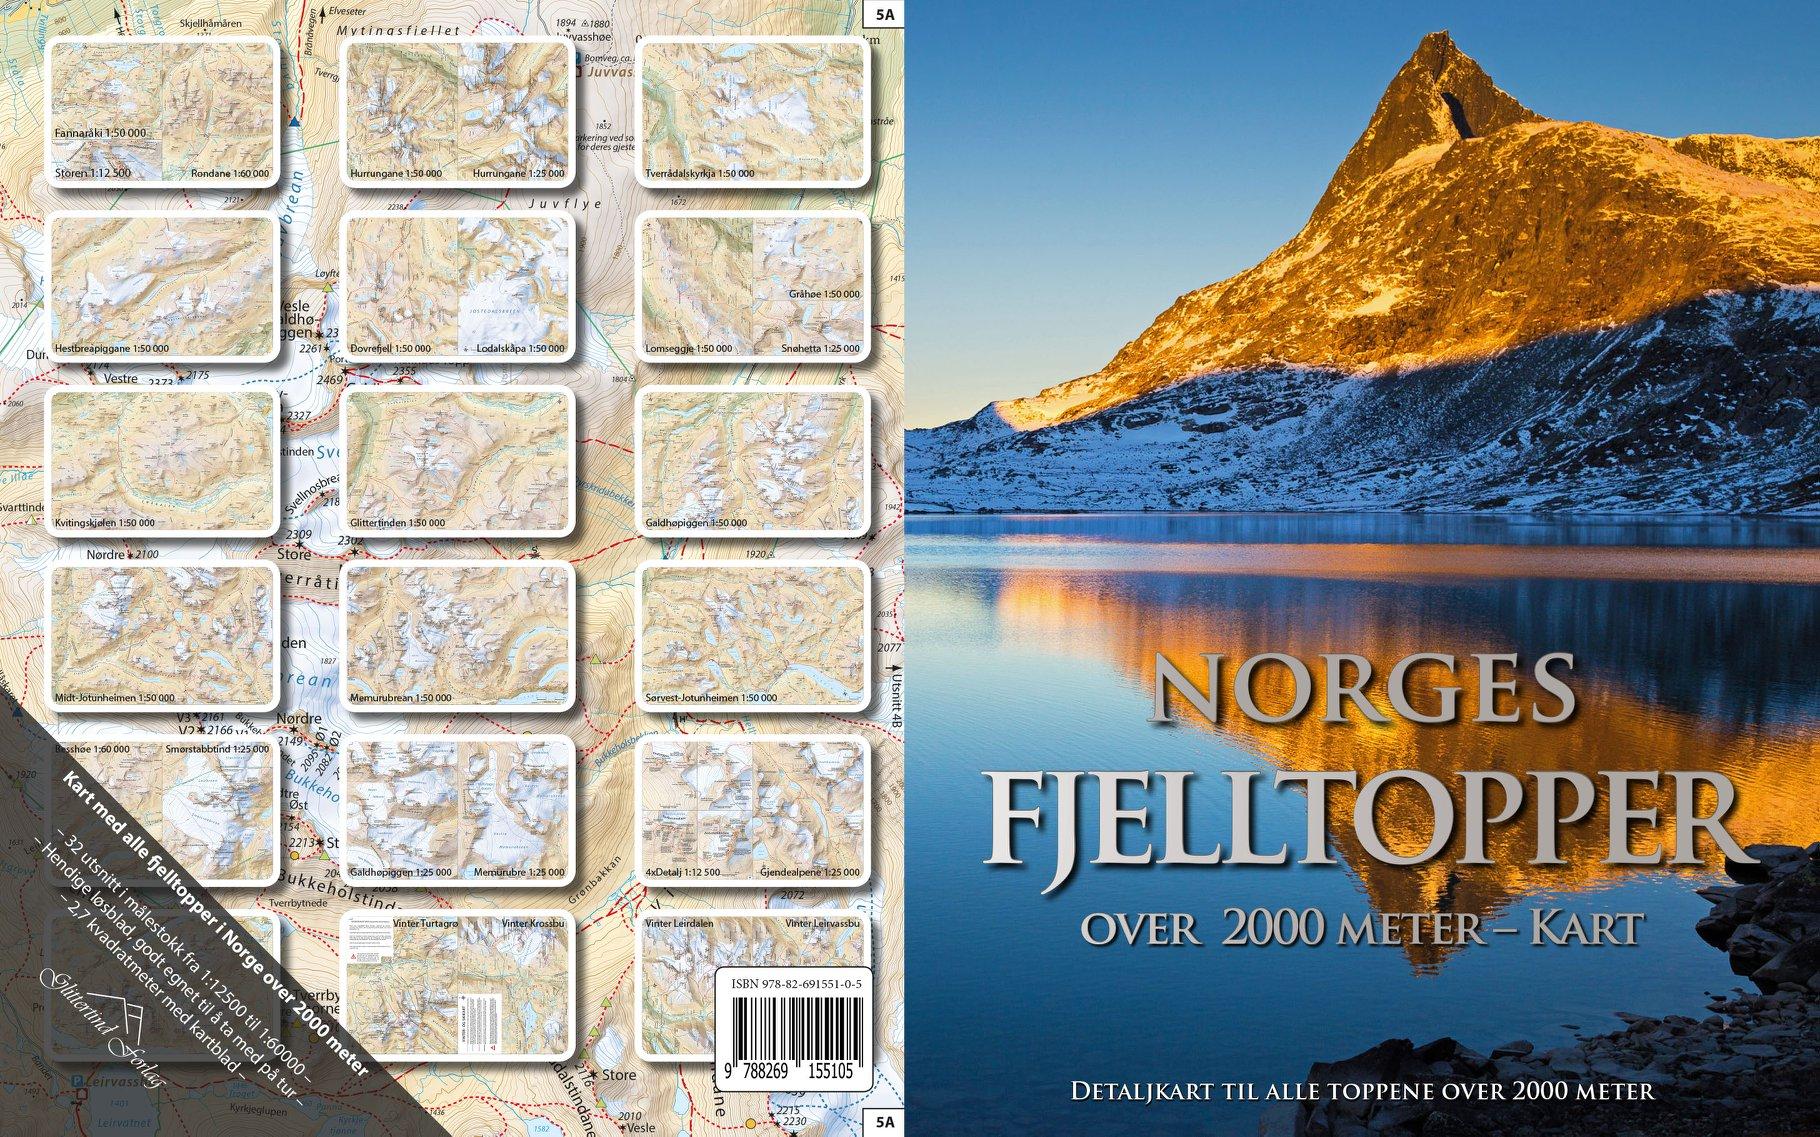 Norges fjelltopper over 2000 meter - kartpakke oversikt